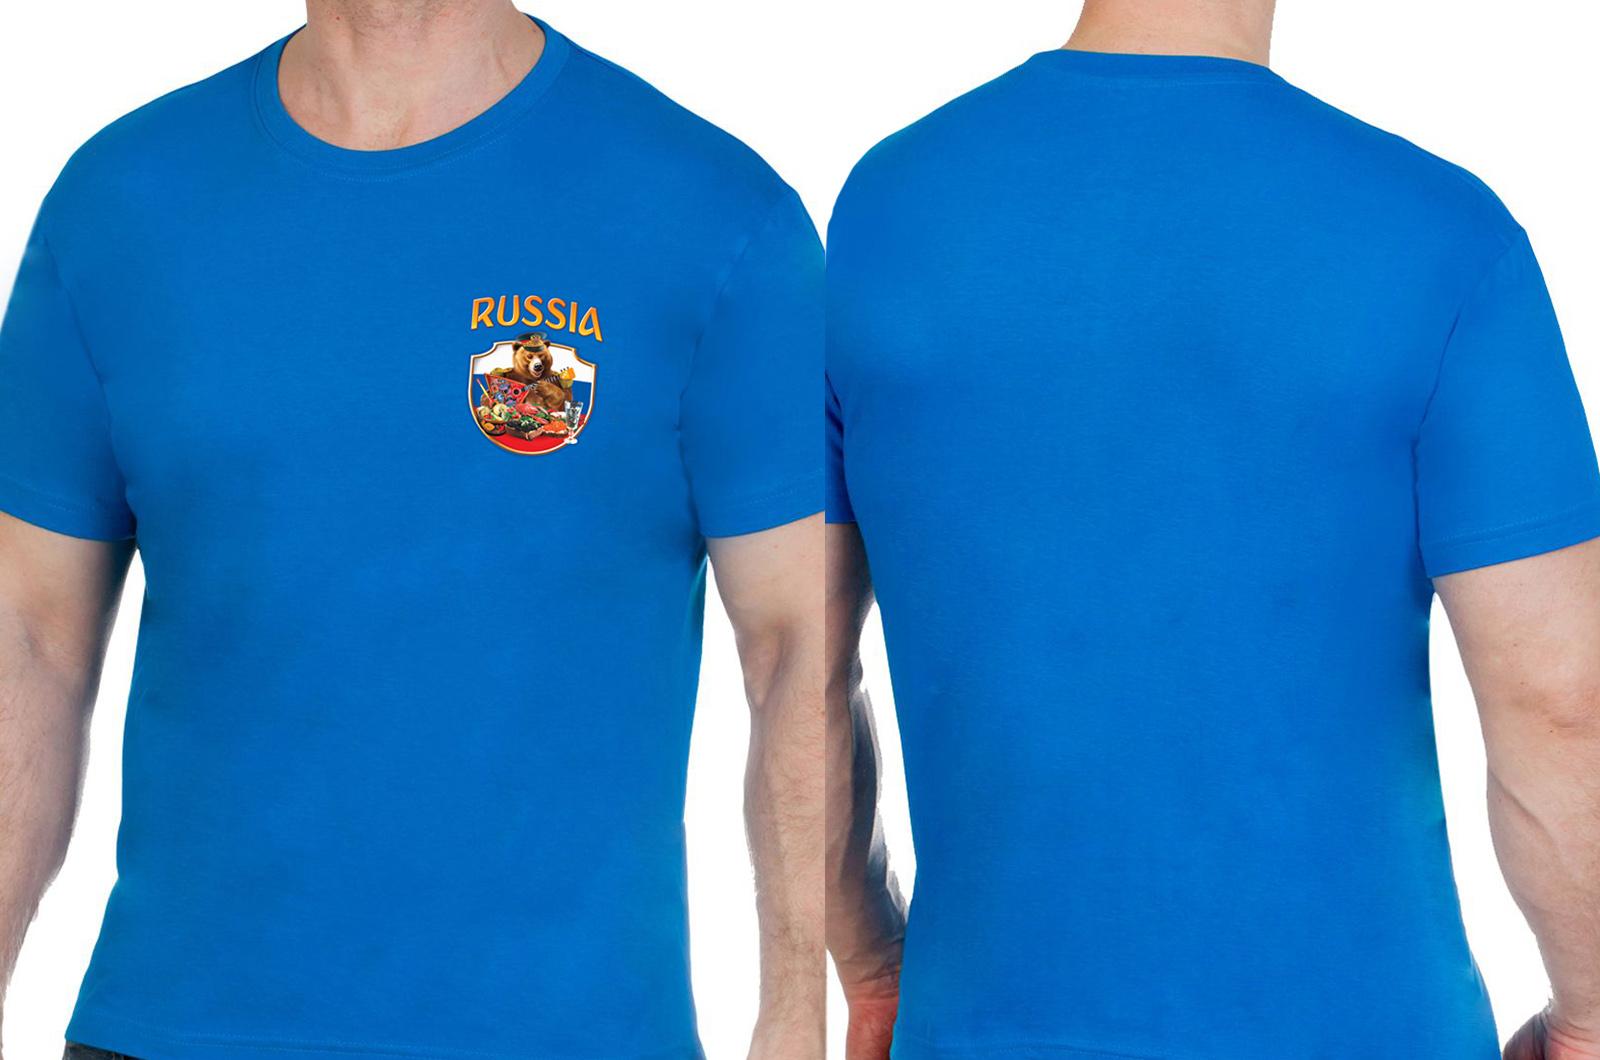 Оригинальная хлопковая футболка РОССИЯ - купить в розницу